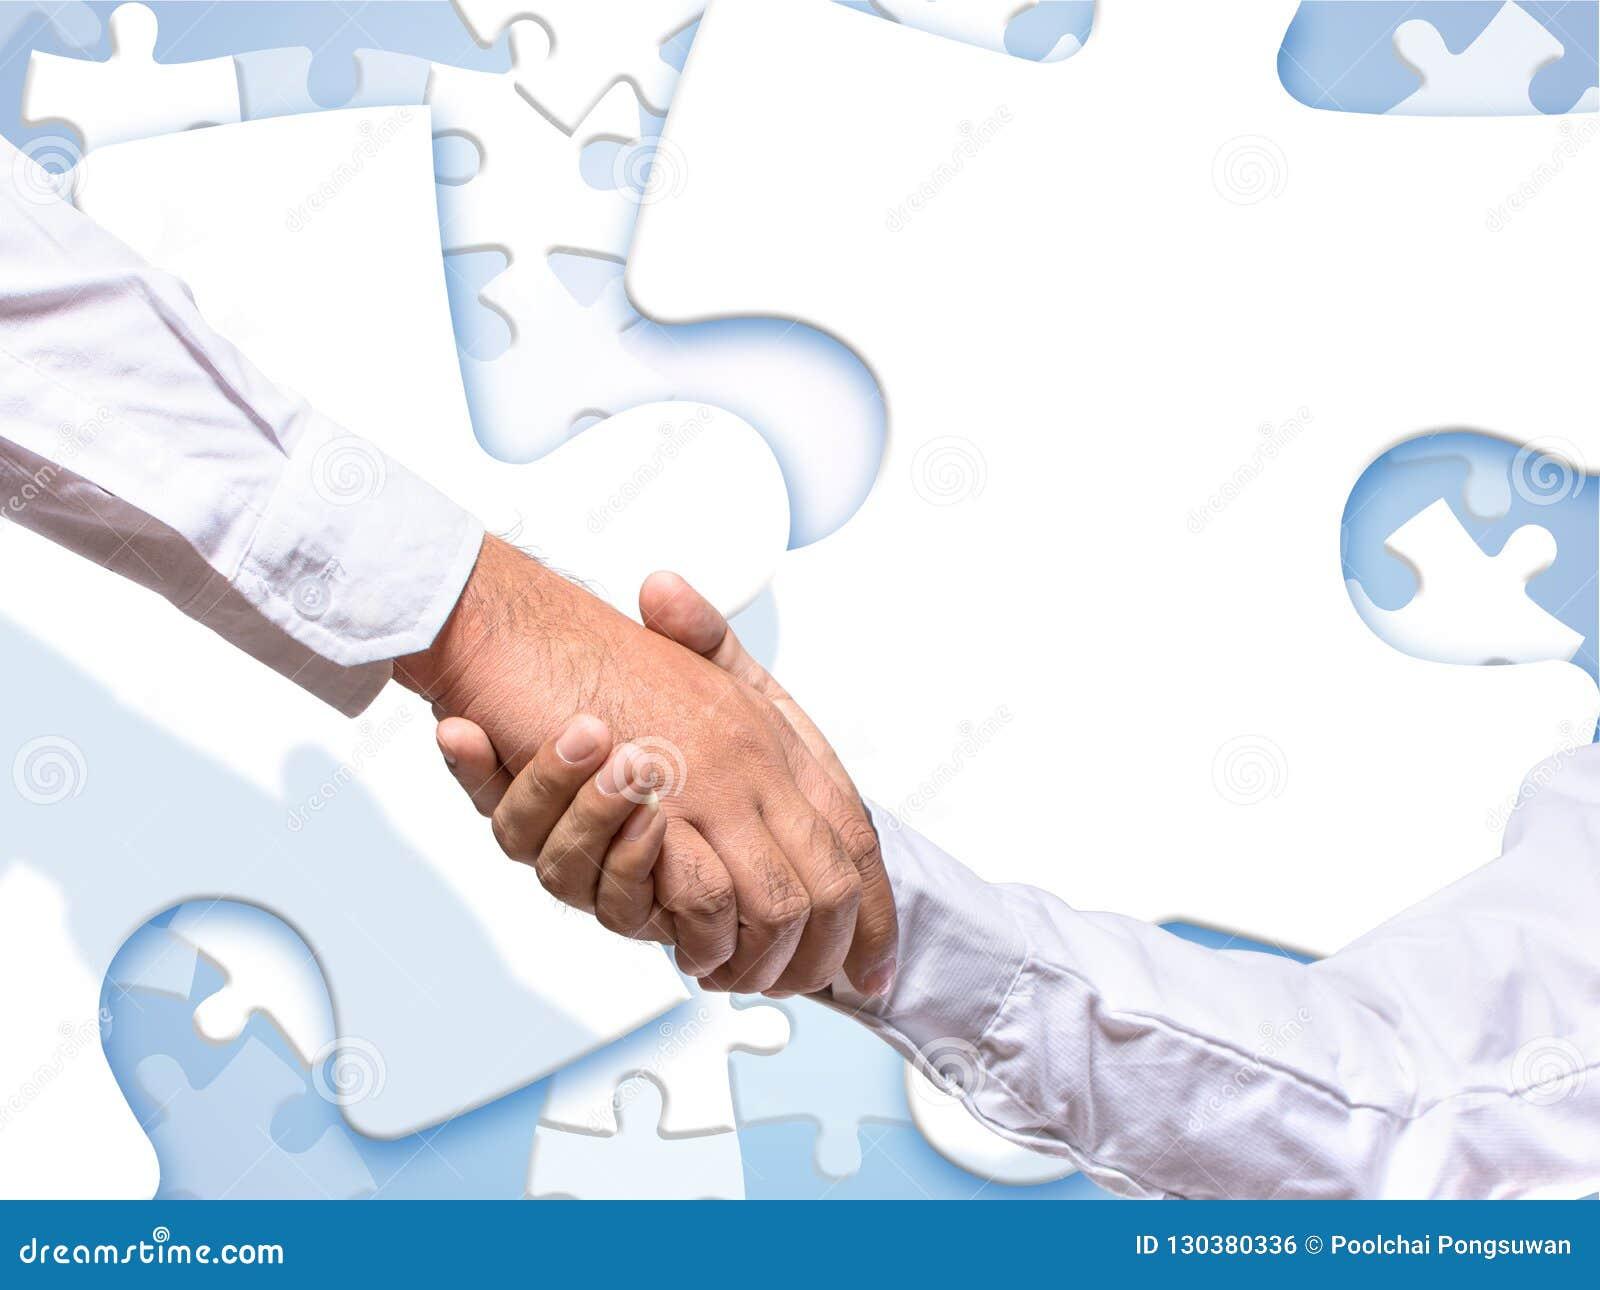 Współpraca uwydatnia harmonię z dobrym życiem